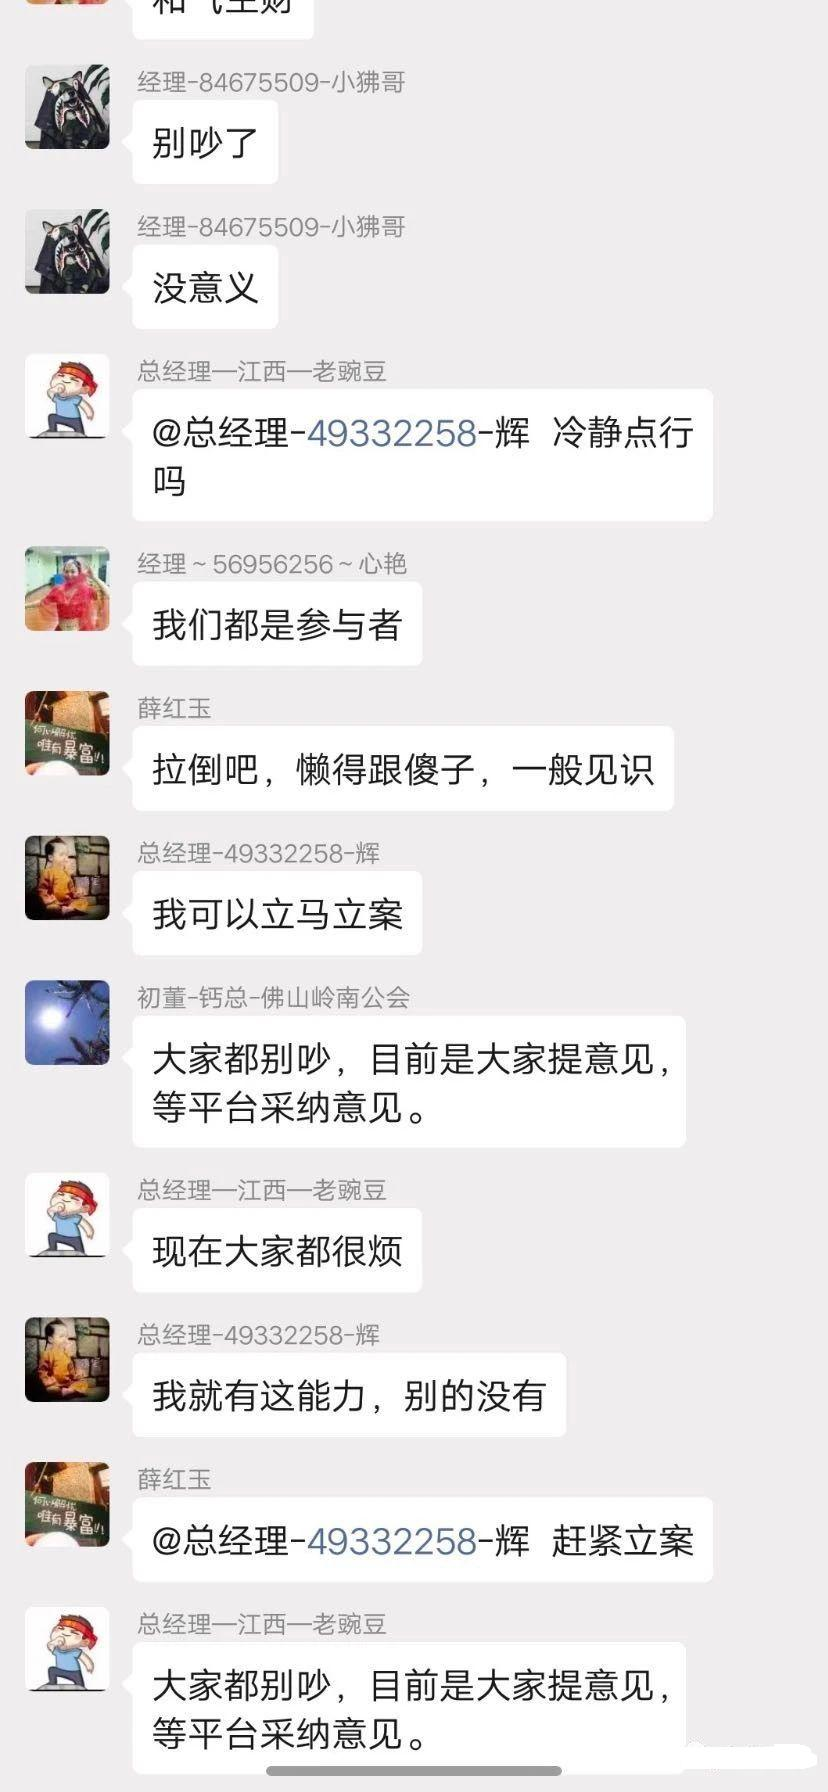 """【曝光】""""梦想大陆""""圈钱几十亿无法出金基本崩盘,最大头目为华登区块狗合伙人薛洪玉!"""